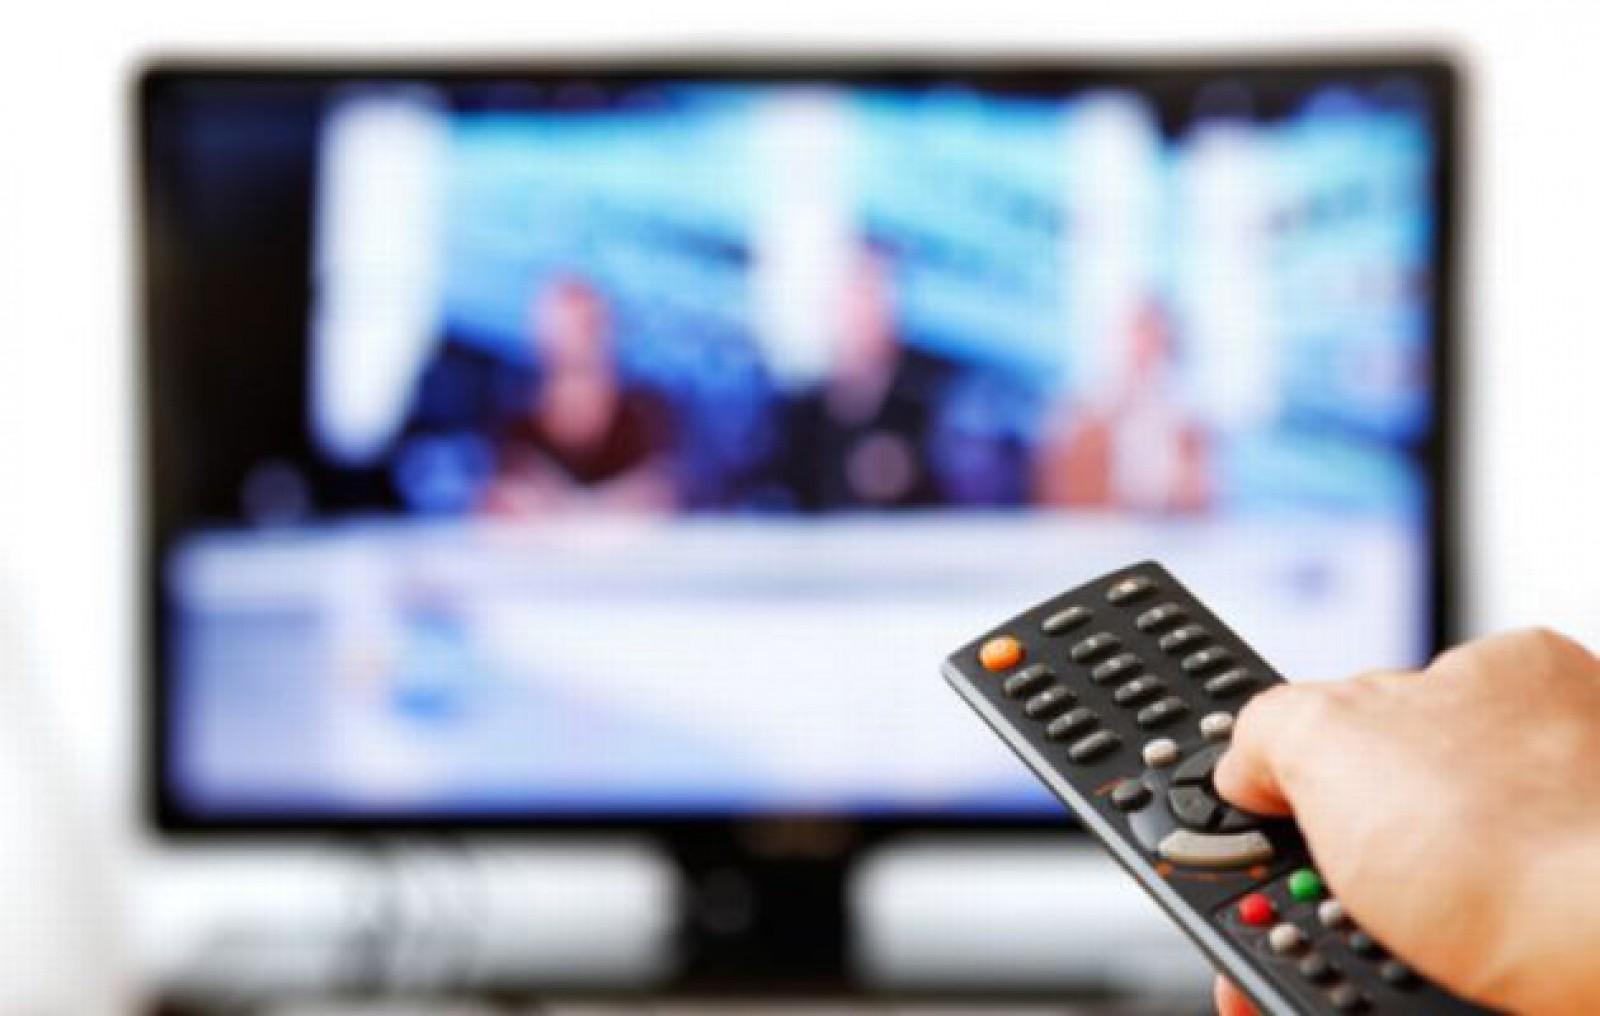 UTA Găgăuzia continuă să transmită emisiuni informative și analitice rusești. Urmează să fie sancționați